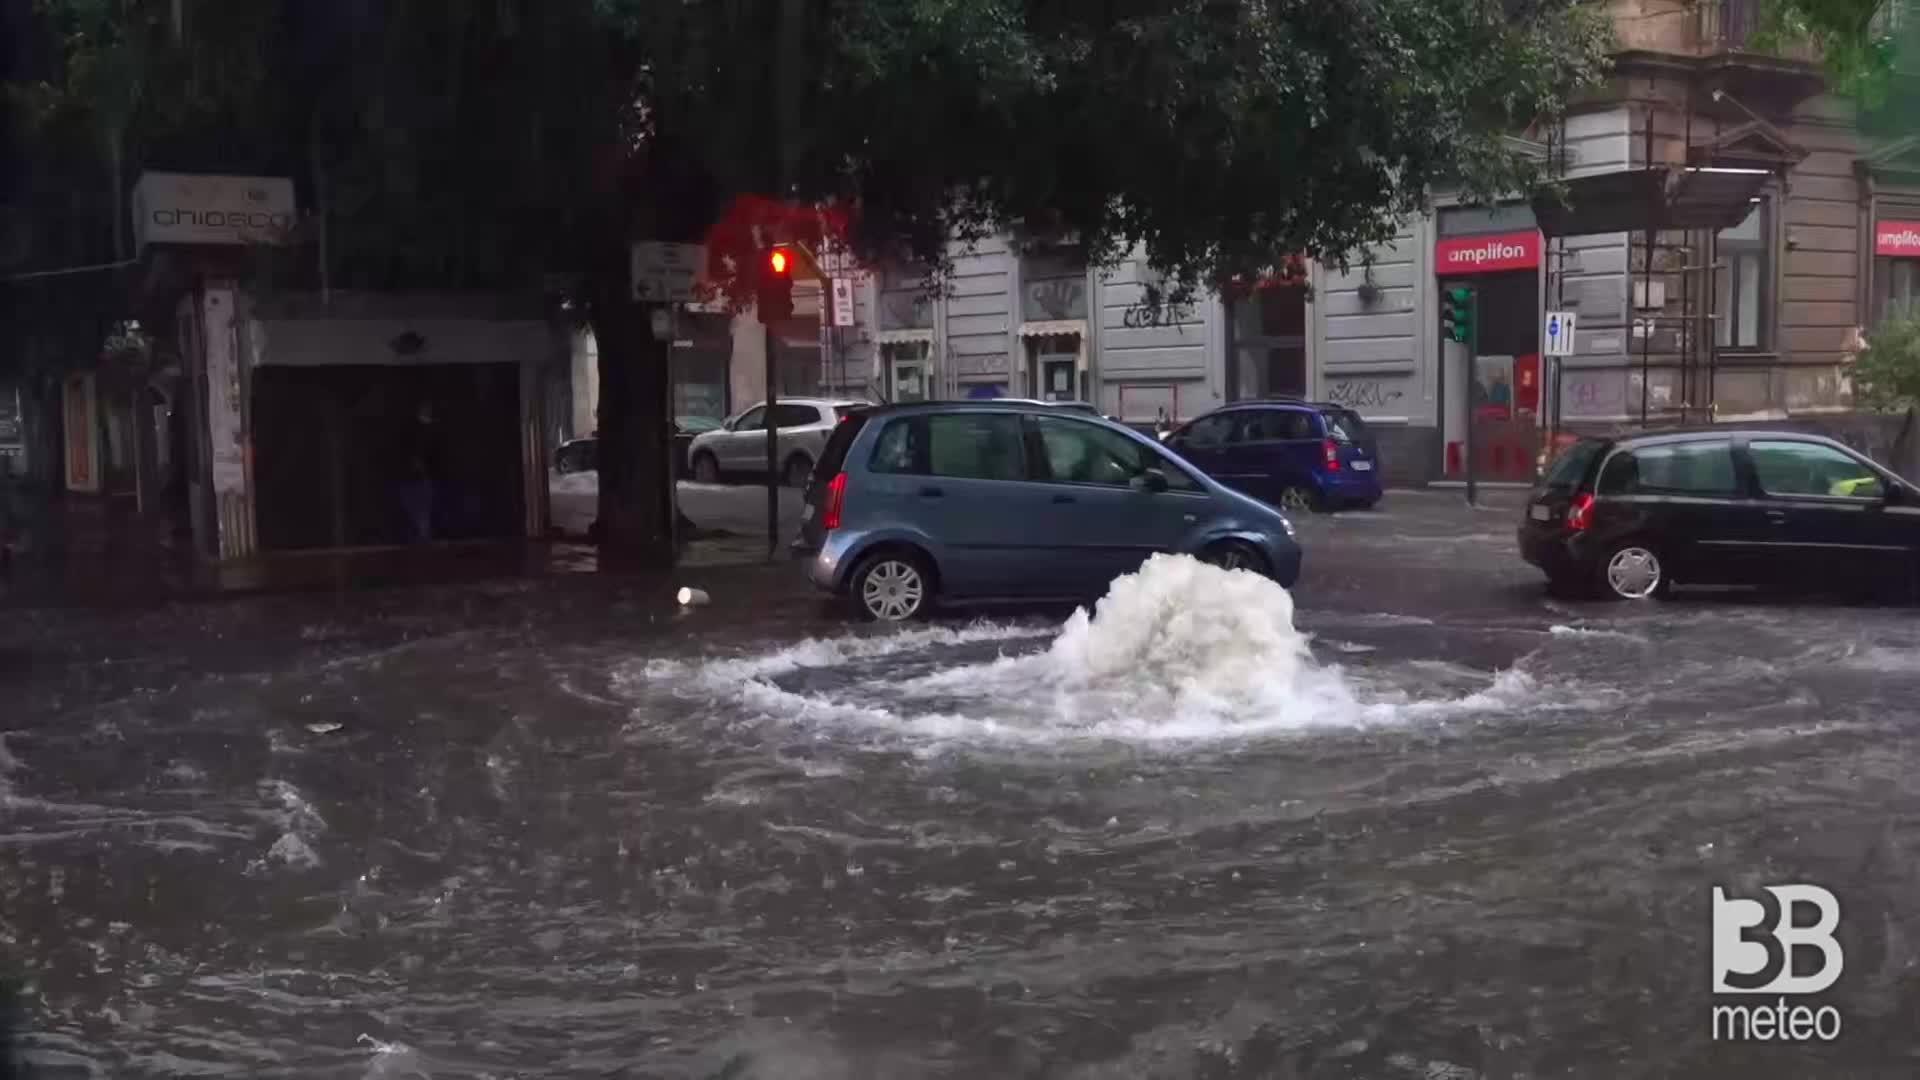 Catania, strade come fiumi: nubifragio si abbatte su citt?